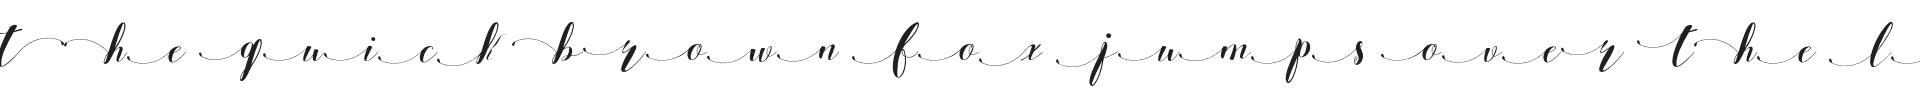 zilvia extras glyph